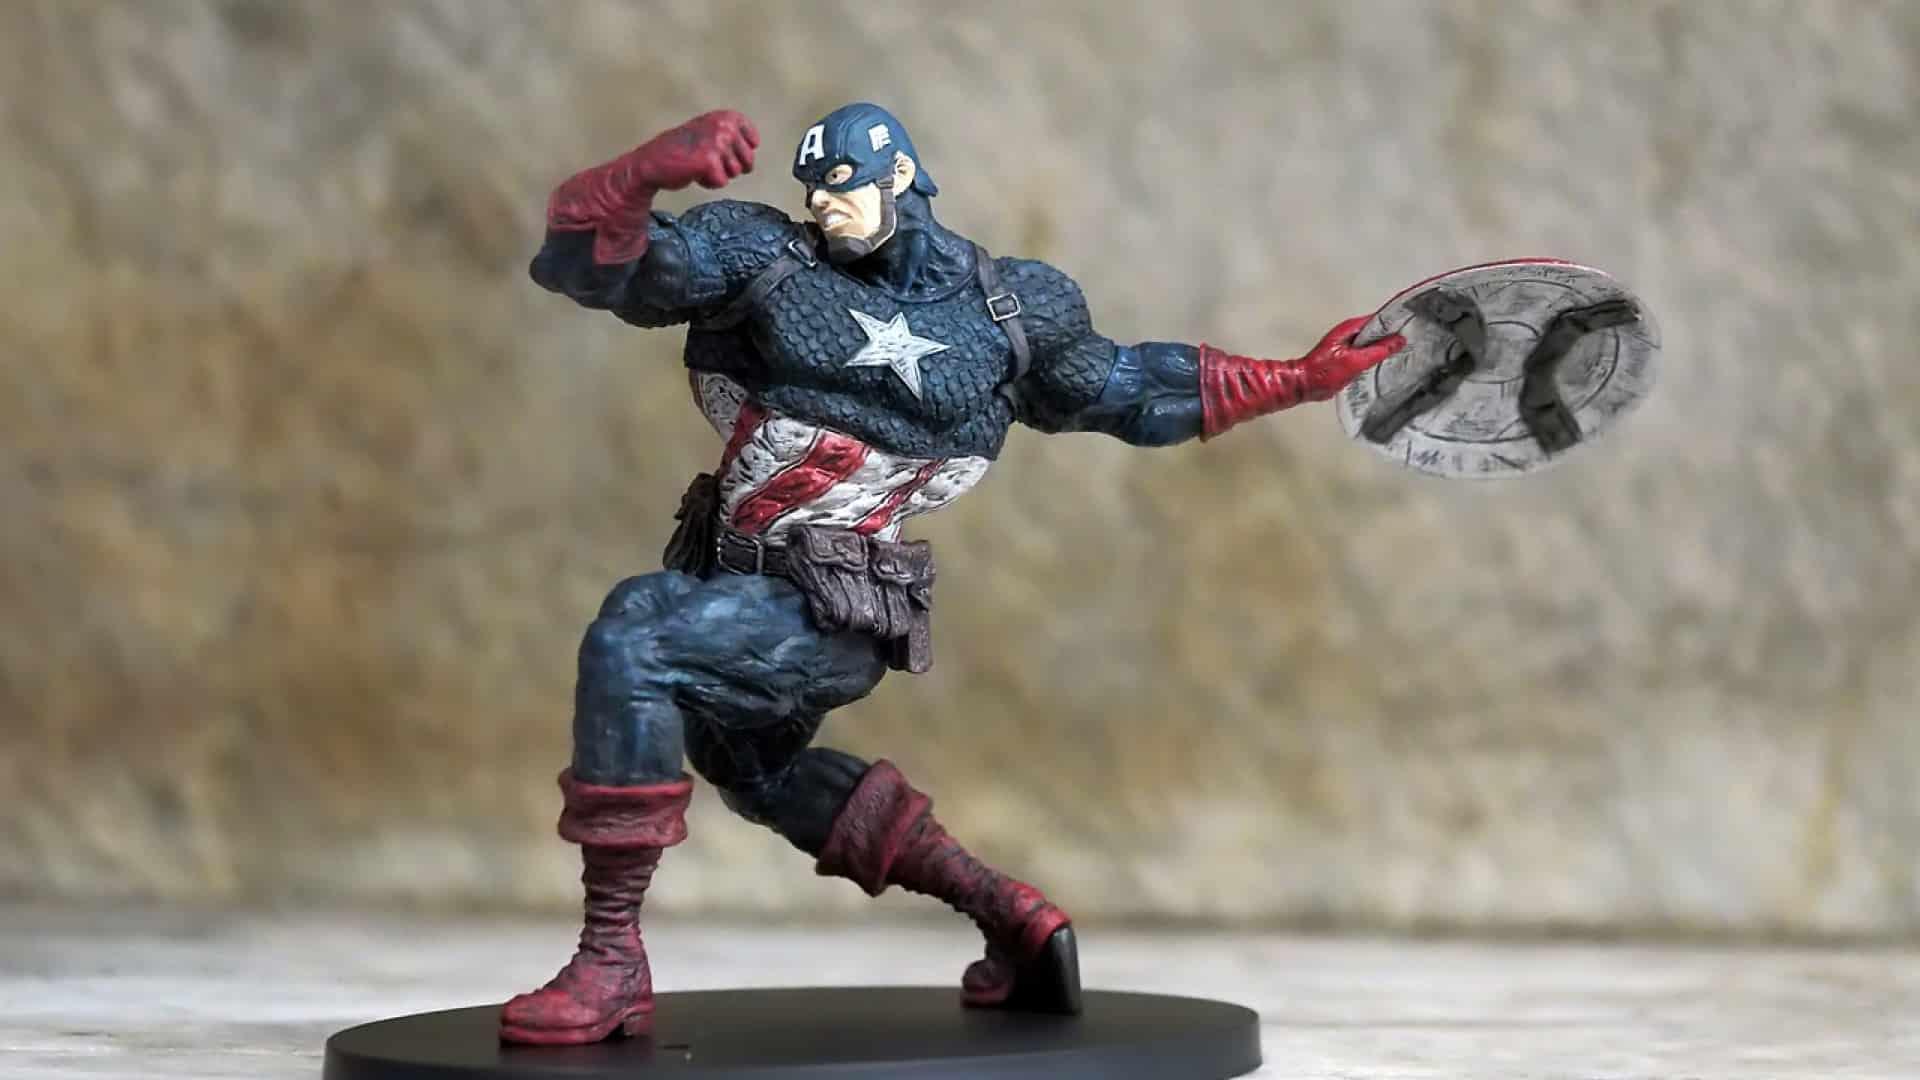 Les figurines Pop Marvel : comment les collectionner ?